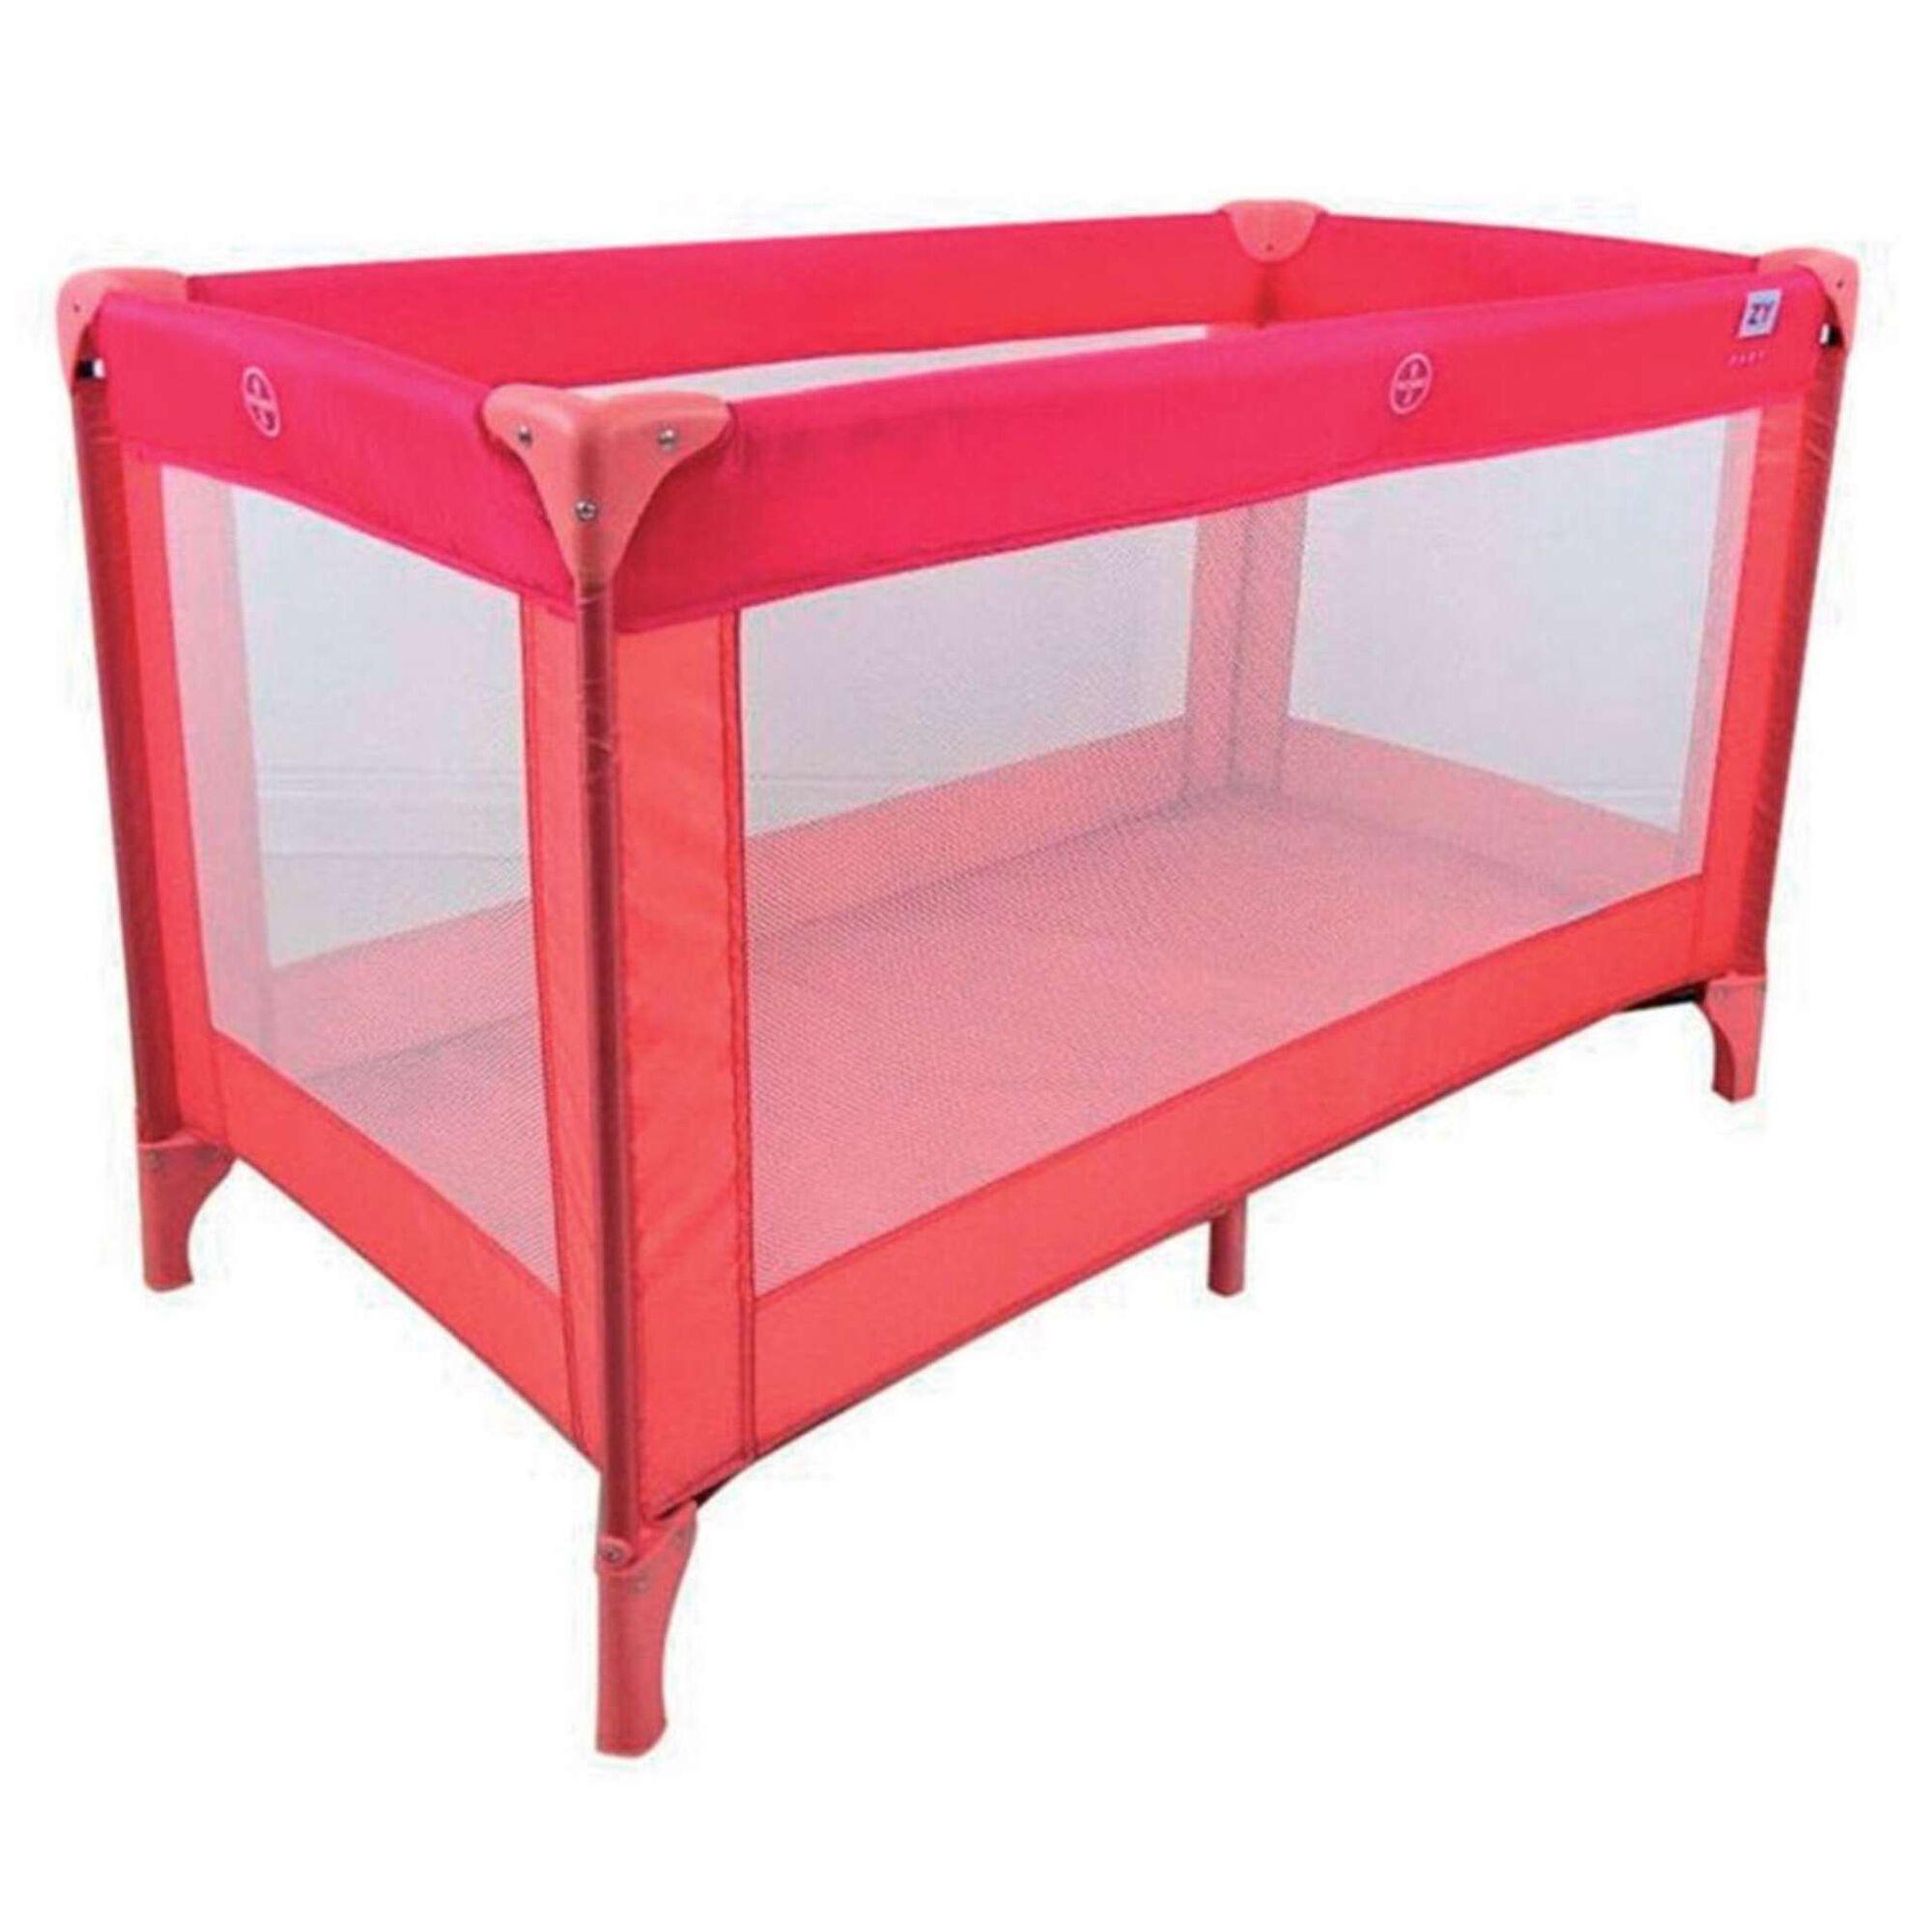 Cama de Viagem Rosa Nap Nap, , hi-res